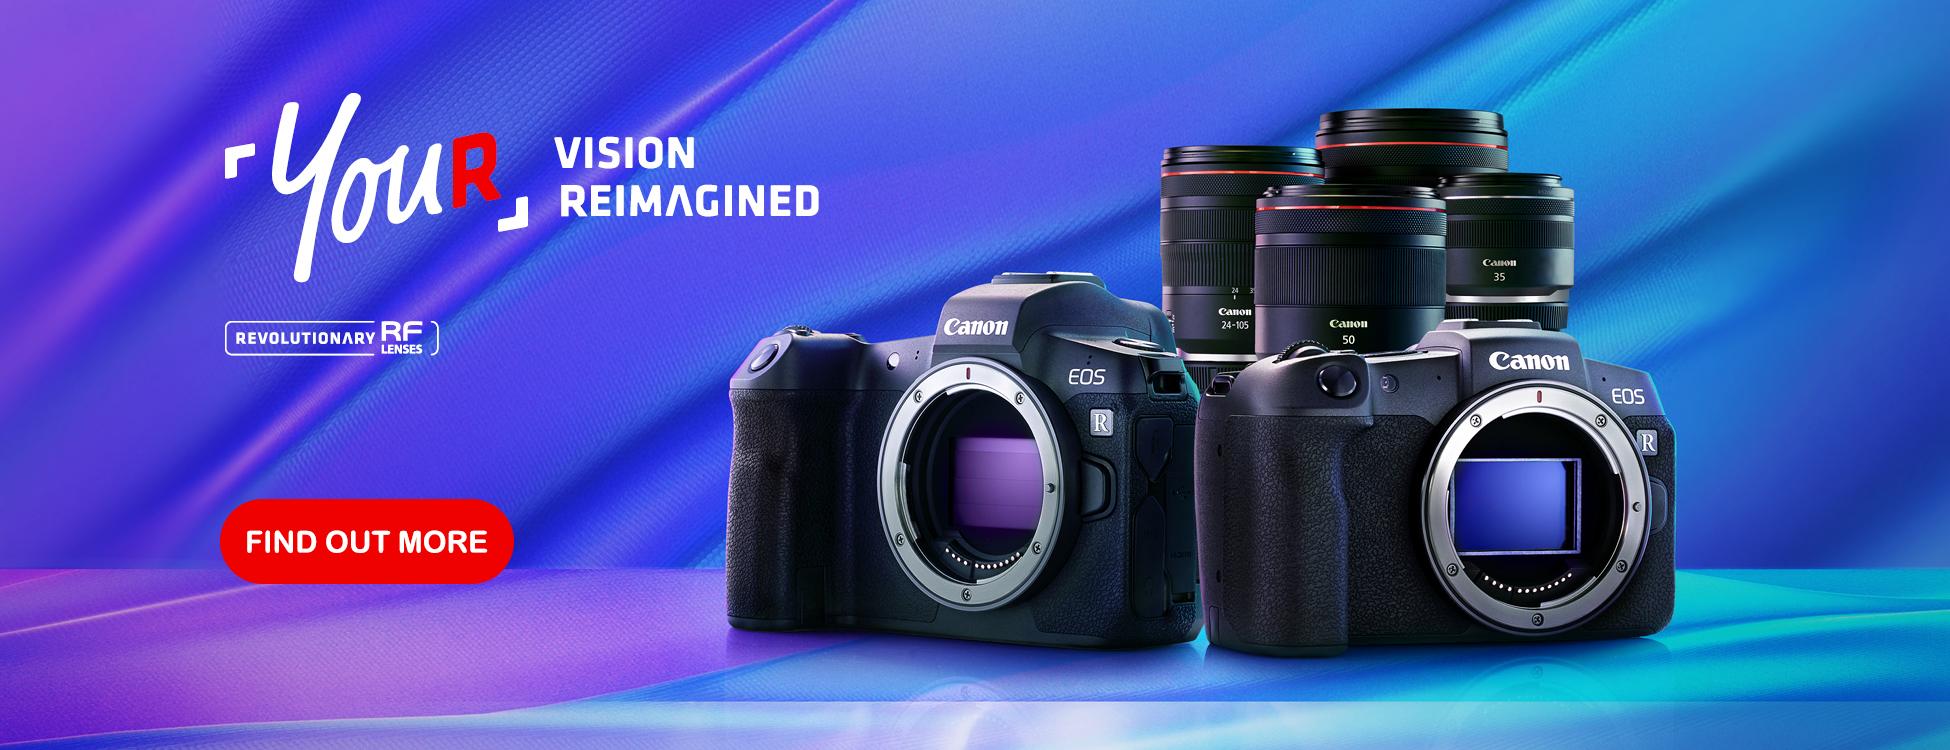 8c2c83982 Home - Canon Indonesia